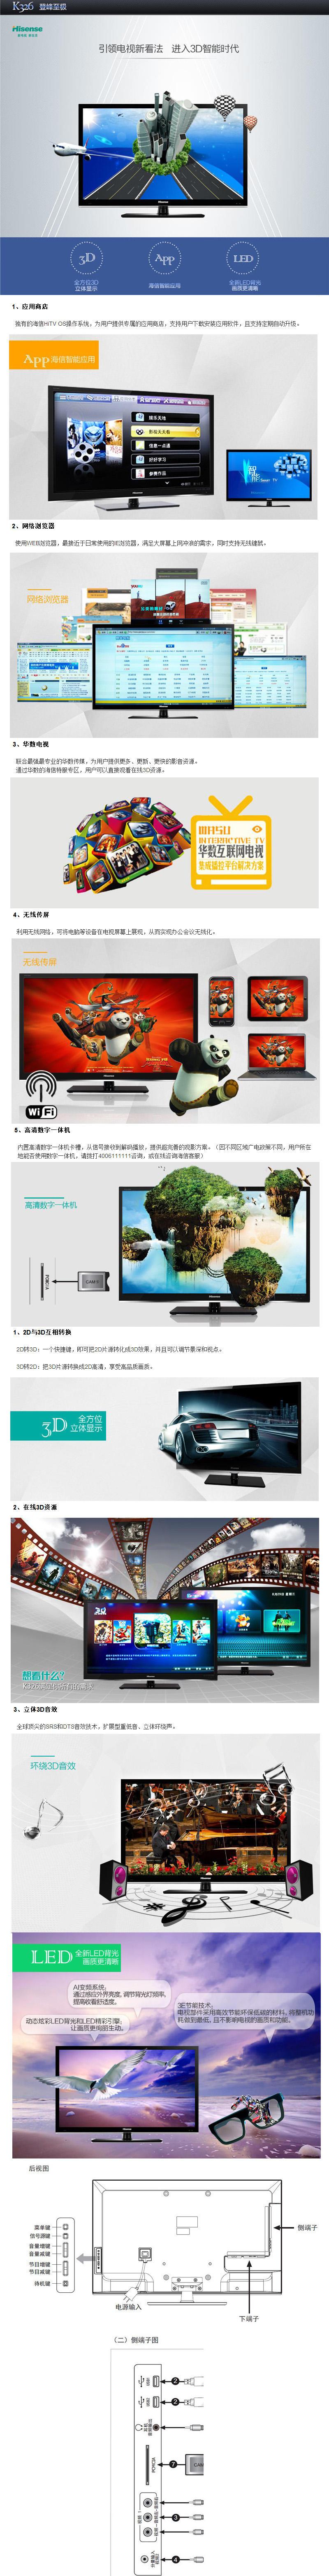 海信led46k326x3d 46英寸 智能3d电视